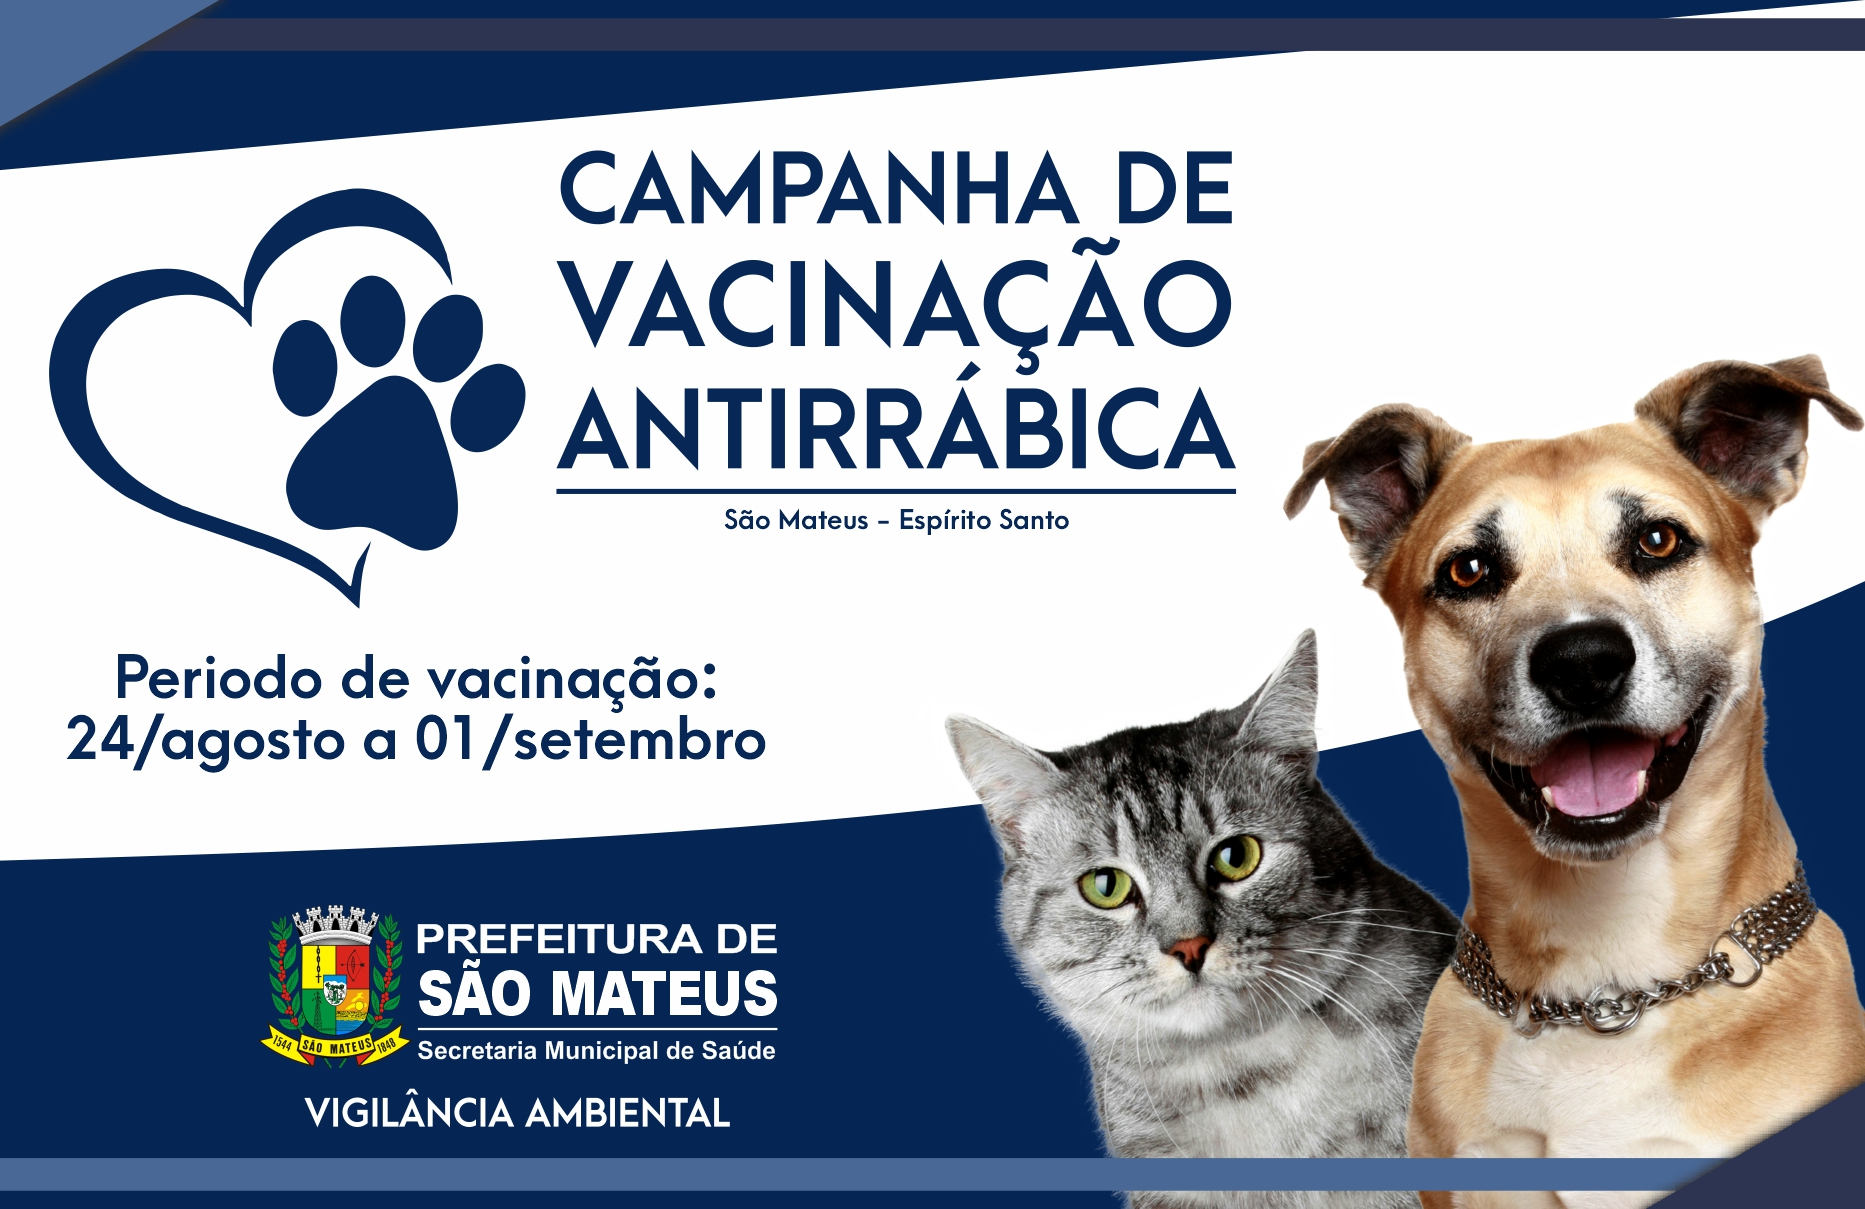 CAMPANHA DE VACINAÇÃO ANTIRRÁBICA PARA CÃES E GATOS 2020